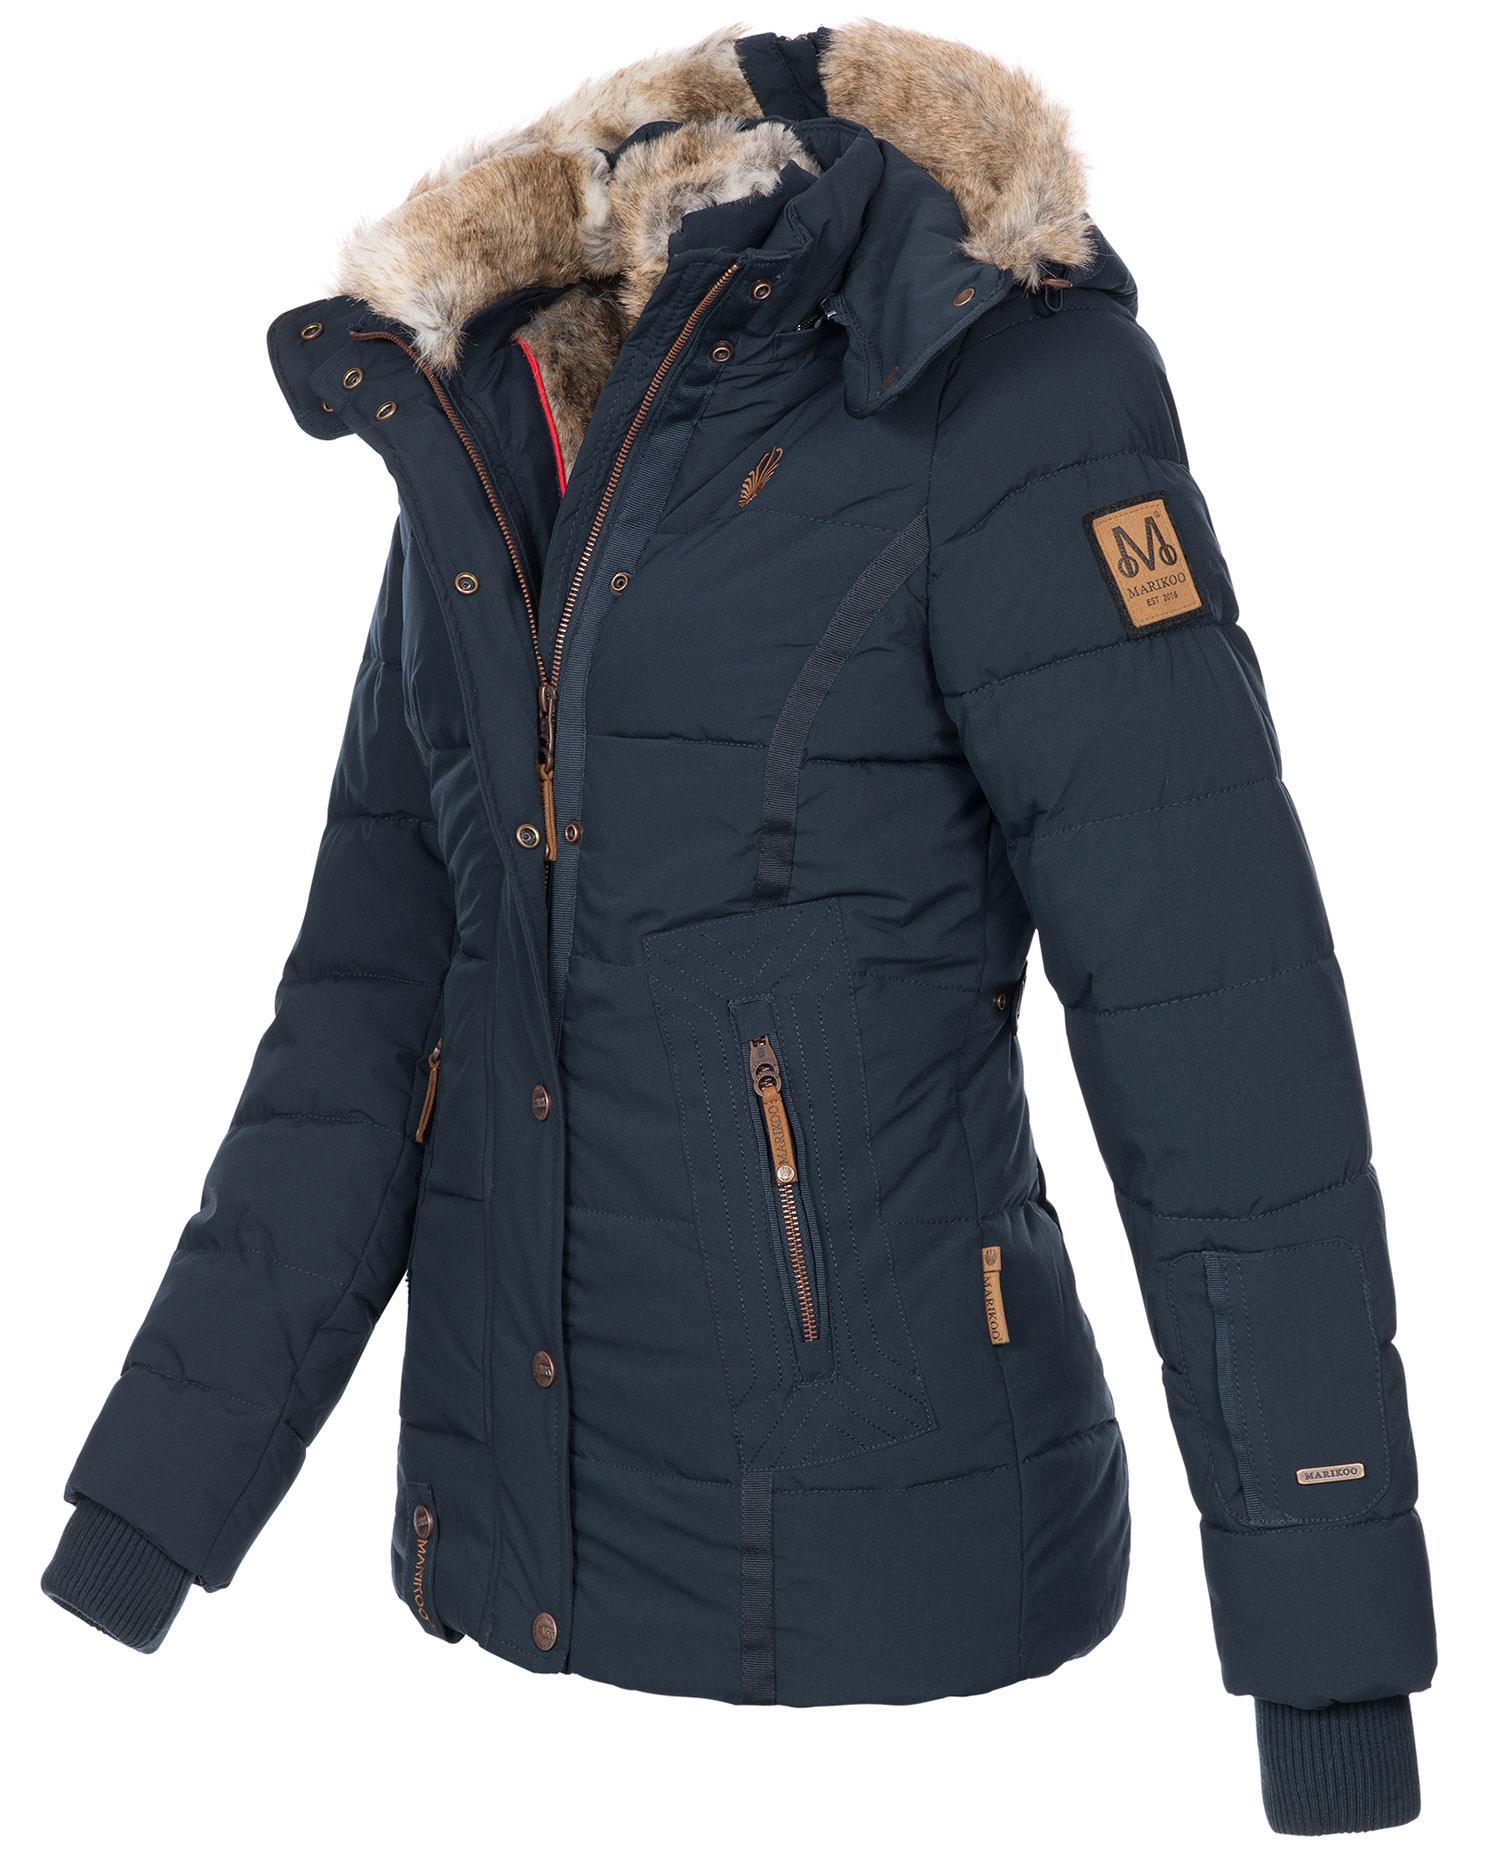 Marikoo warme Damen Winter Jacke Winterjacke Steppjacke ...